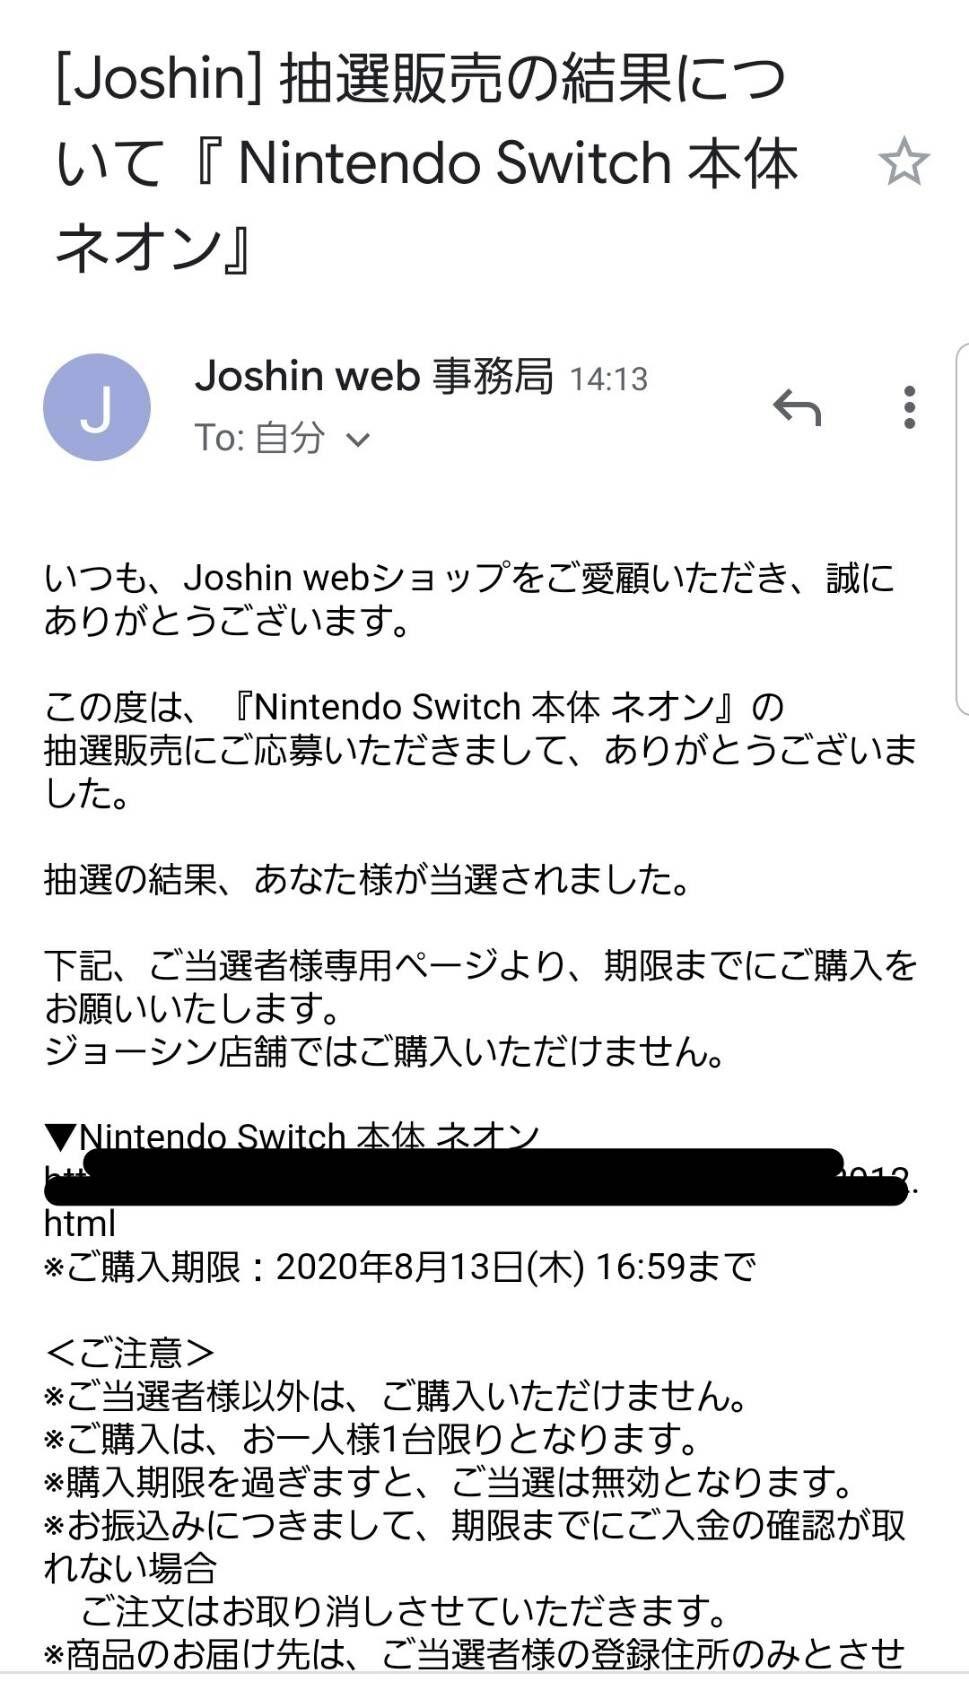 抽選 ジョーシン 結果 switch